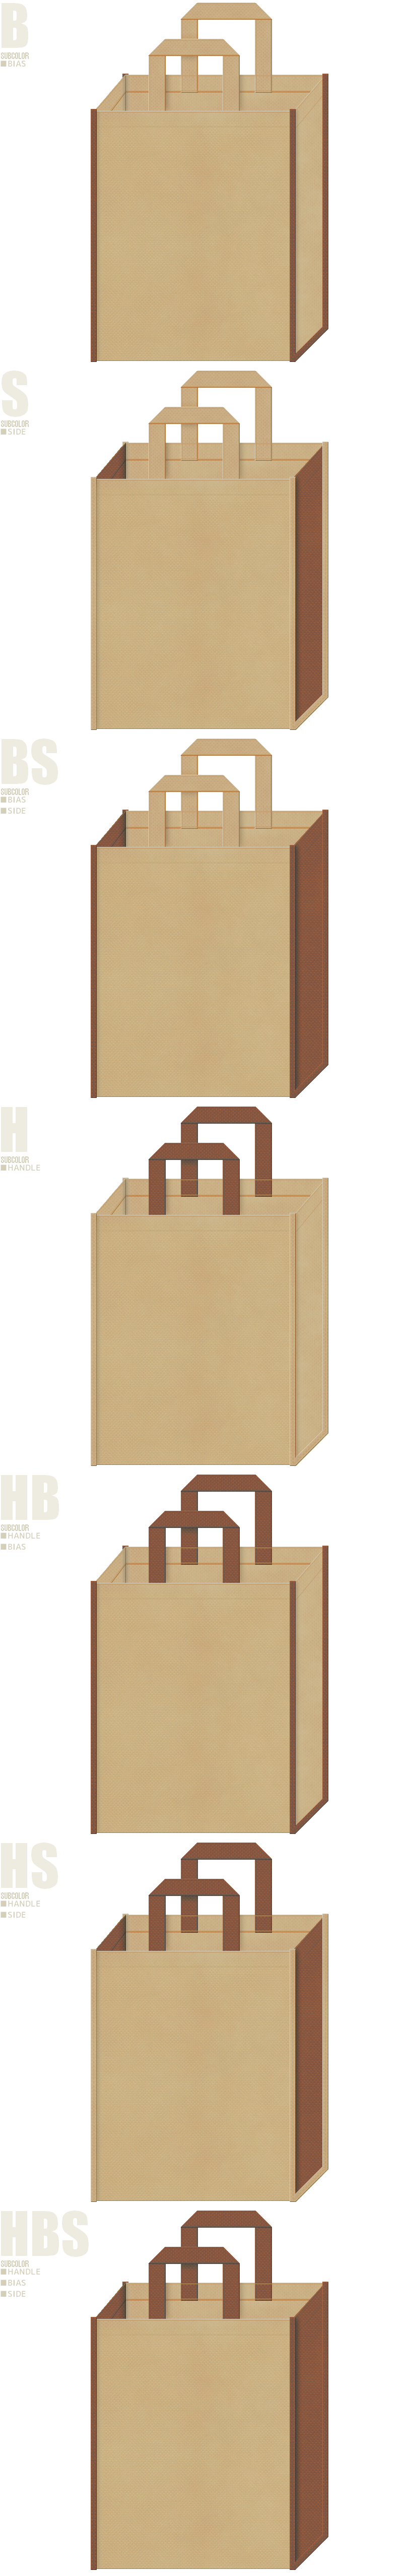 カーキ色と茶色、7パターンの不織布トートバッグ配色デザイン例。カフェテリア・フードコートのバッグノベルティ、手芸用品・木製インテリアの展示会用バッグにお奨めです。